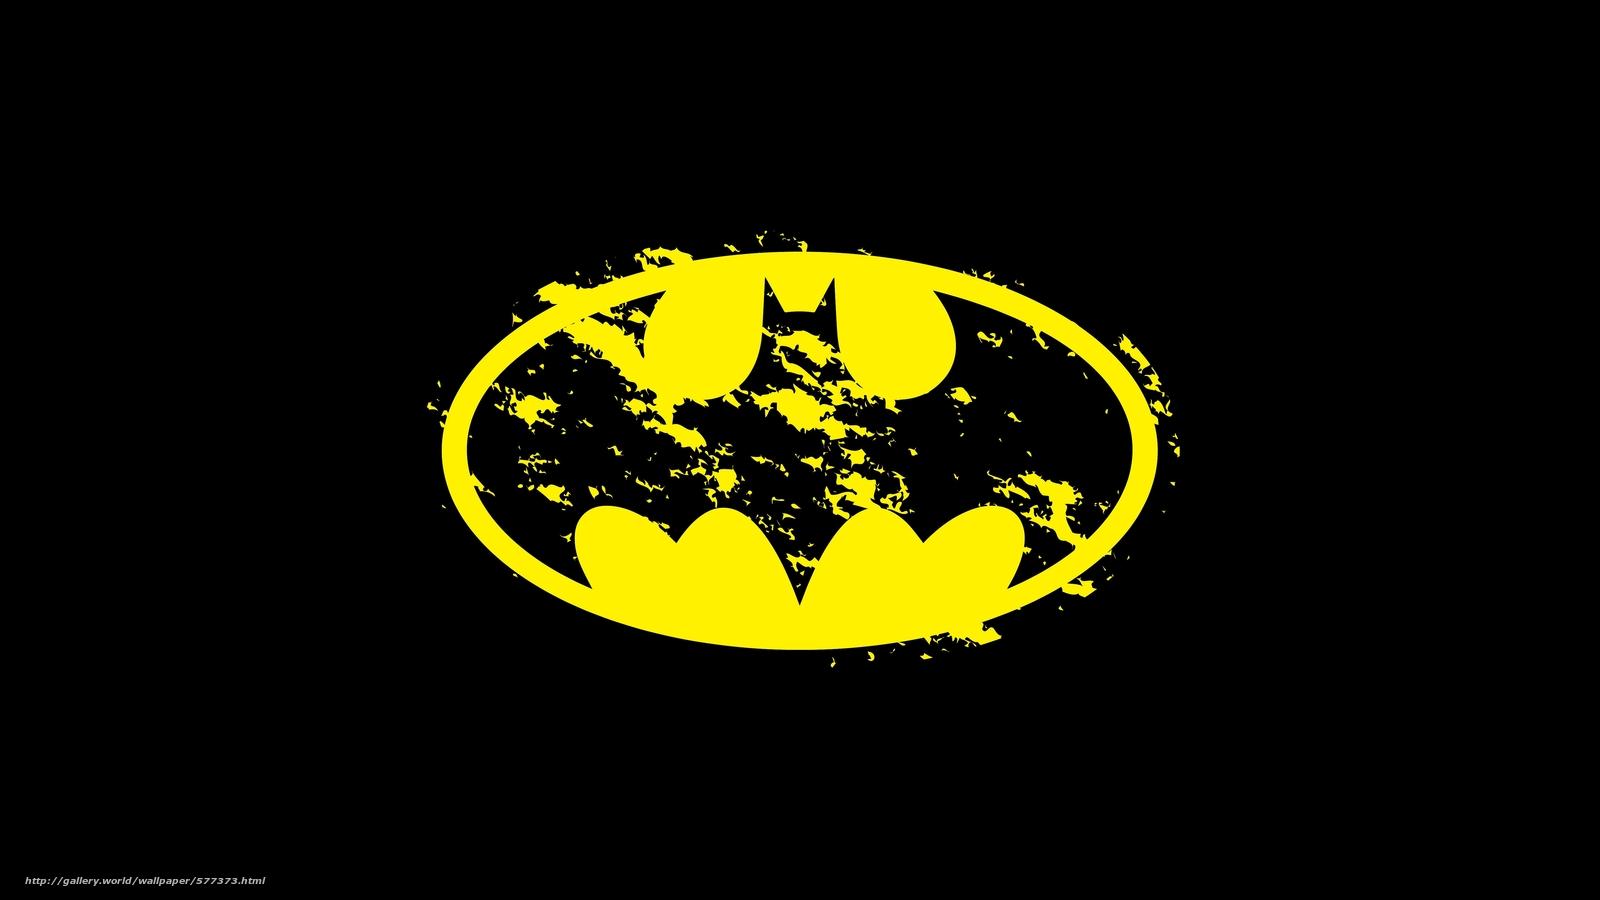 Скачать обои фон,  лого,  Бэтмен бесплатно для рабочего стола в разрешении 5500x3094 — картинка №577373